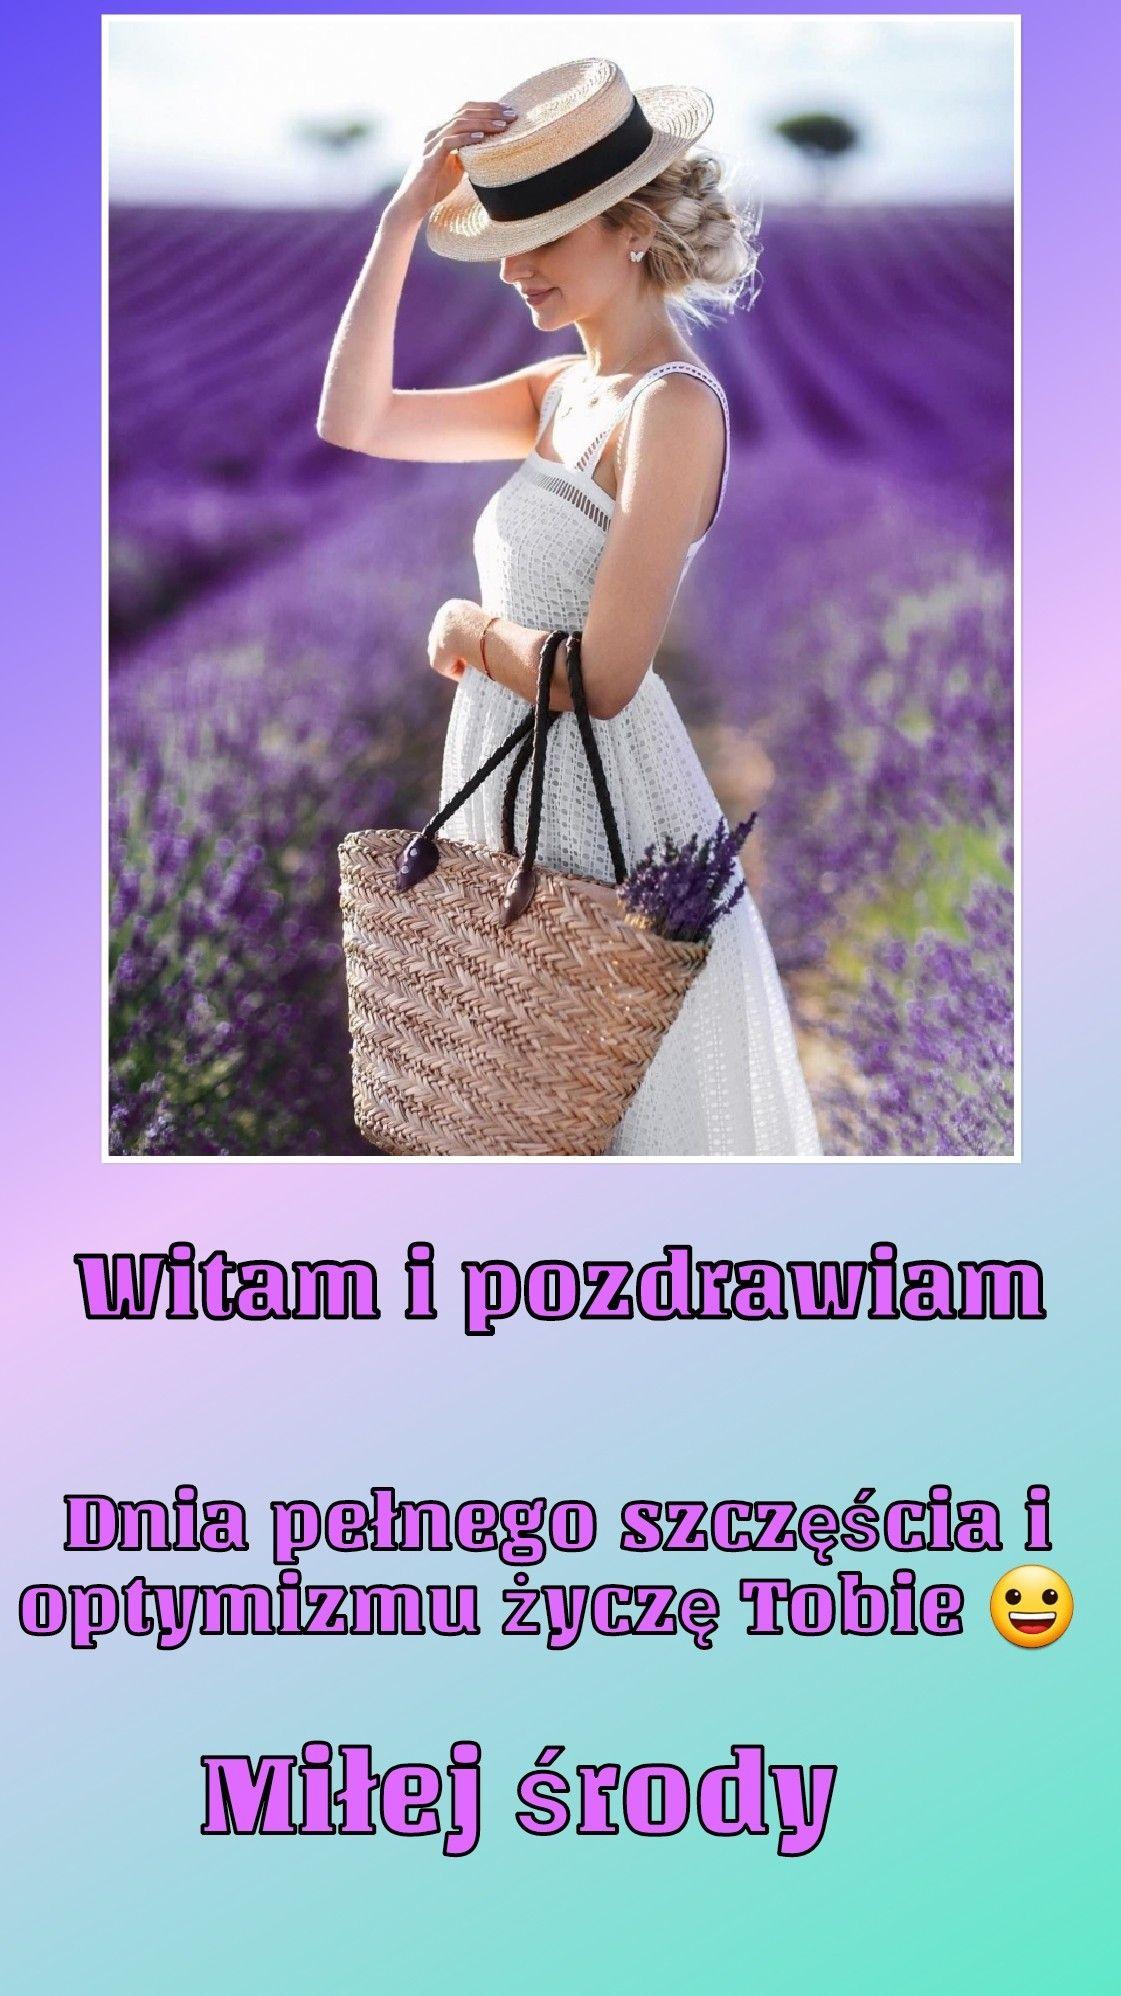 Pin by Elżbieta Cyroń on Dzień dobry Straw bag